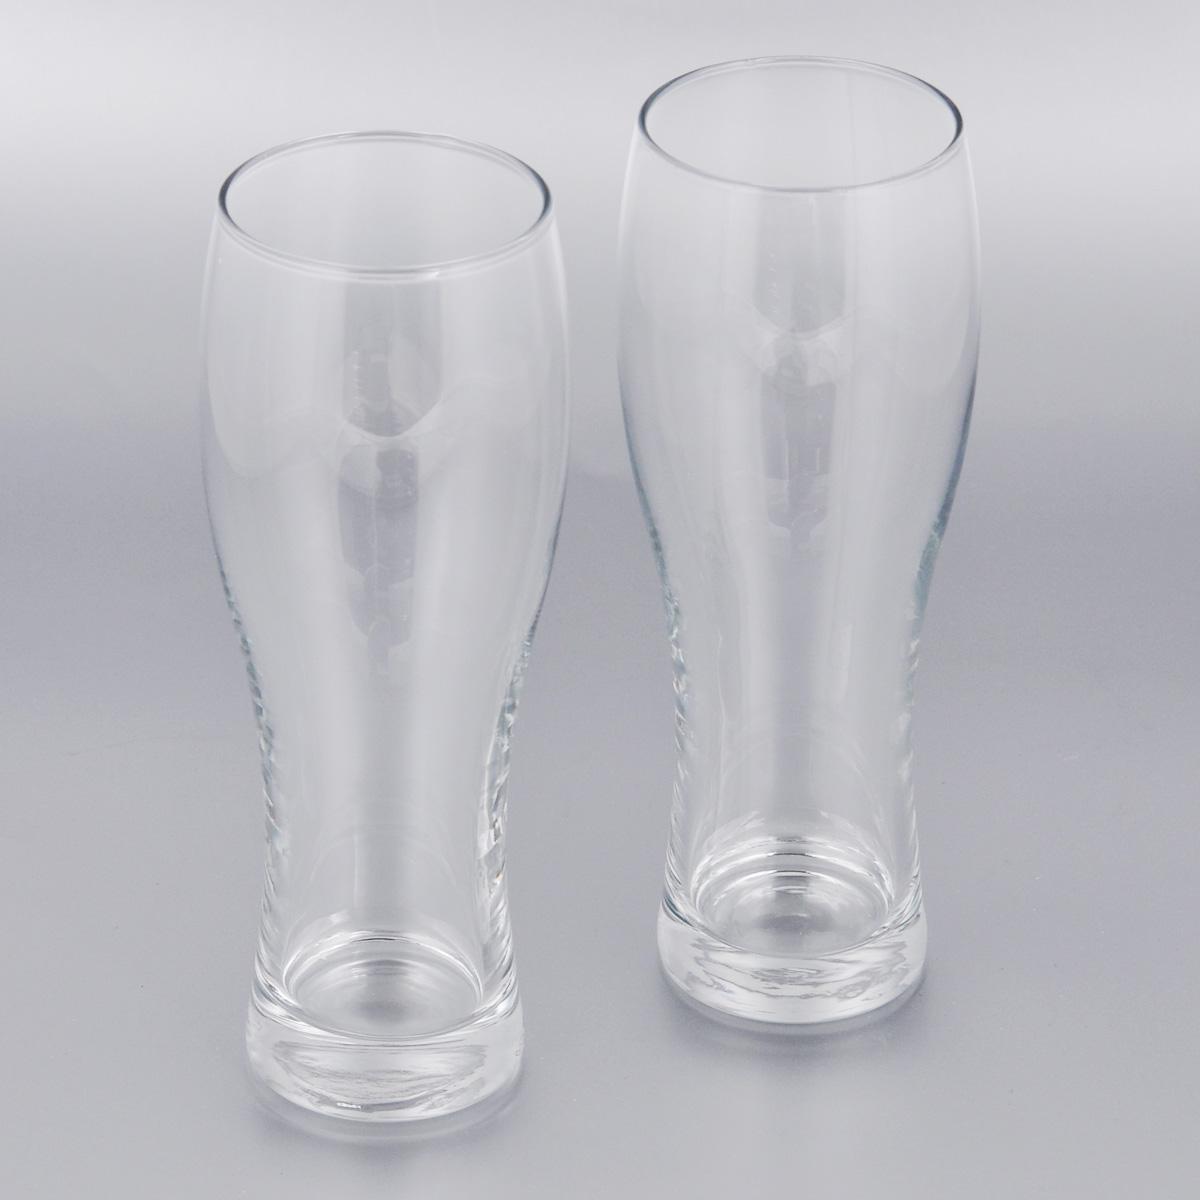 Набор стаканов для пива Pasabahce Pub, 500 мл, 2 шт41792BНабор Pasabahce Pub состоит из двух стаканов, выполненных из прочного натрий-кальций-силикатного стекла. Стаканы, оснащенные утолщенным дном, предназначены для подачи пива. Такой набор прекрасно подойдет для любителей пенного напитка. Можно мыть в посудомоечной машине и использовать в микроволновой печи. Высота стакана: 21,5 см. Диаметр стакана (по верхнему краю): 6,5 см.